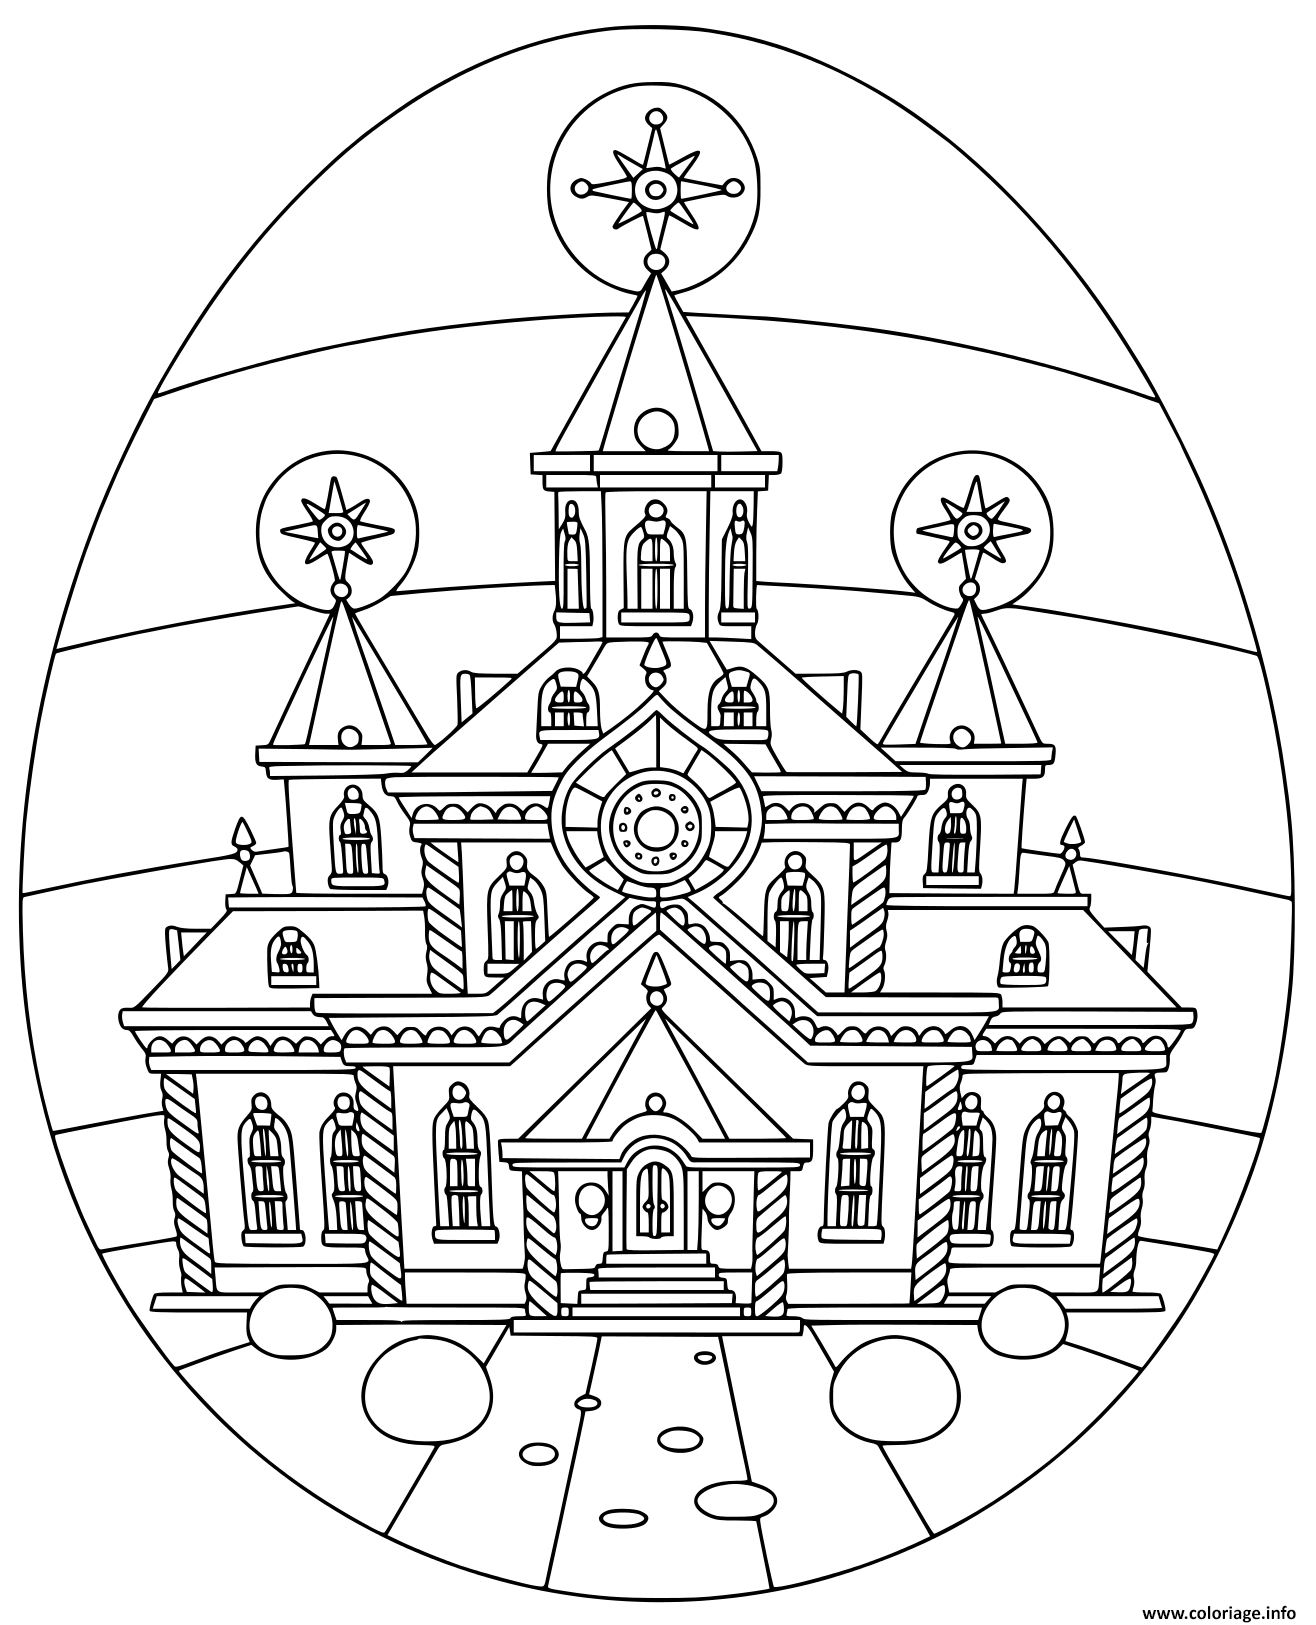 Coloriage Oeuf De Paques Avec Eglise Religion Dessin Paques A Imprimer